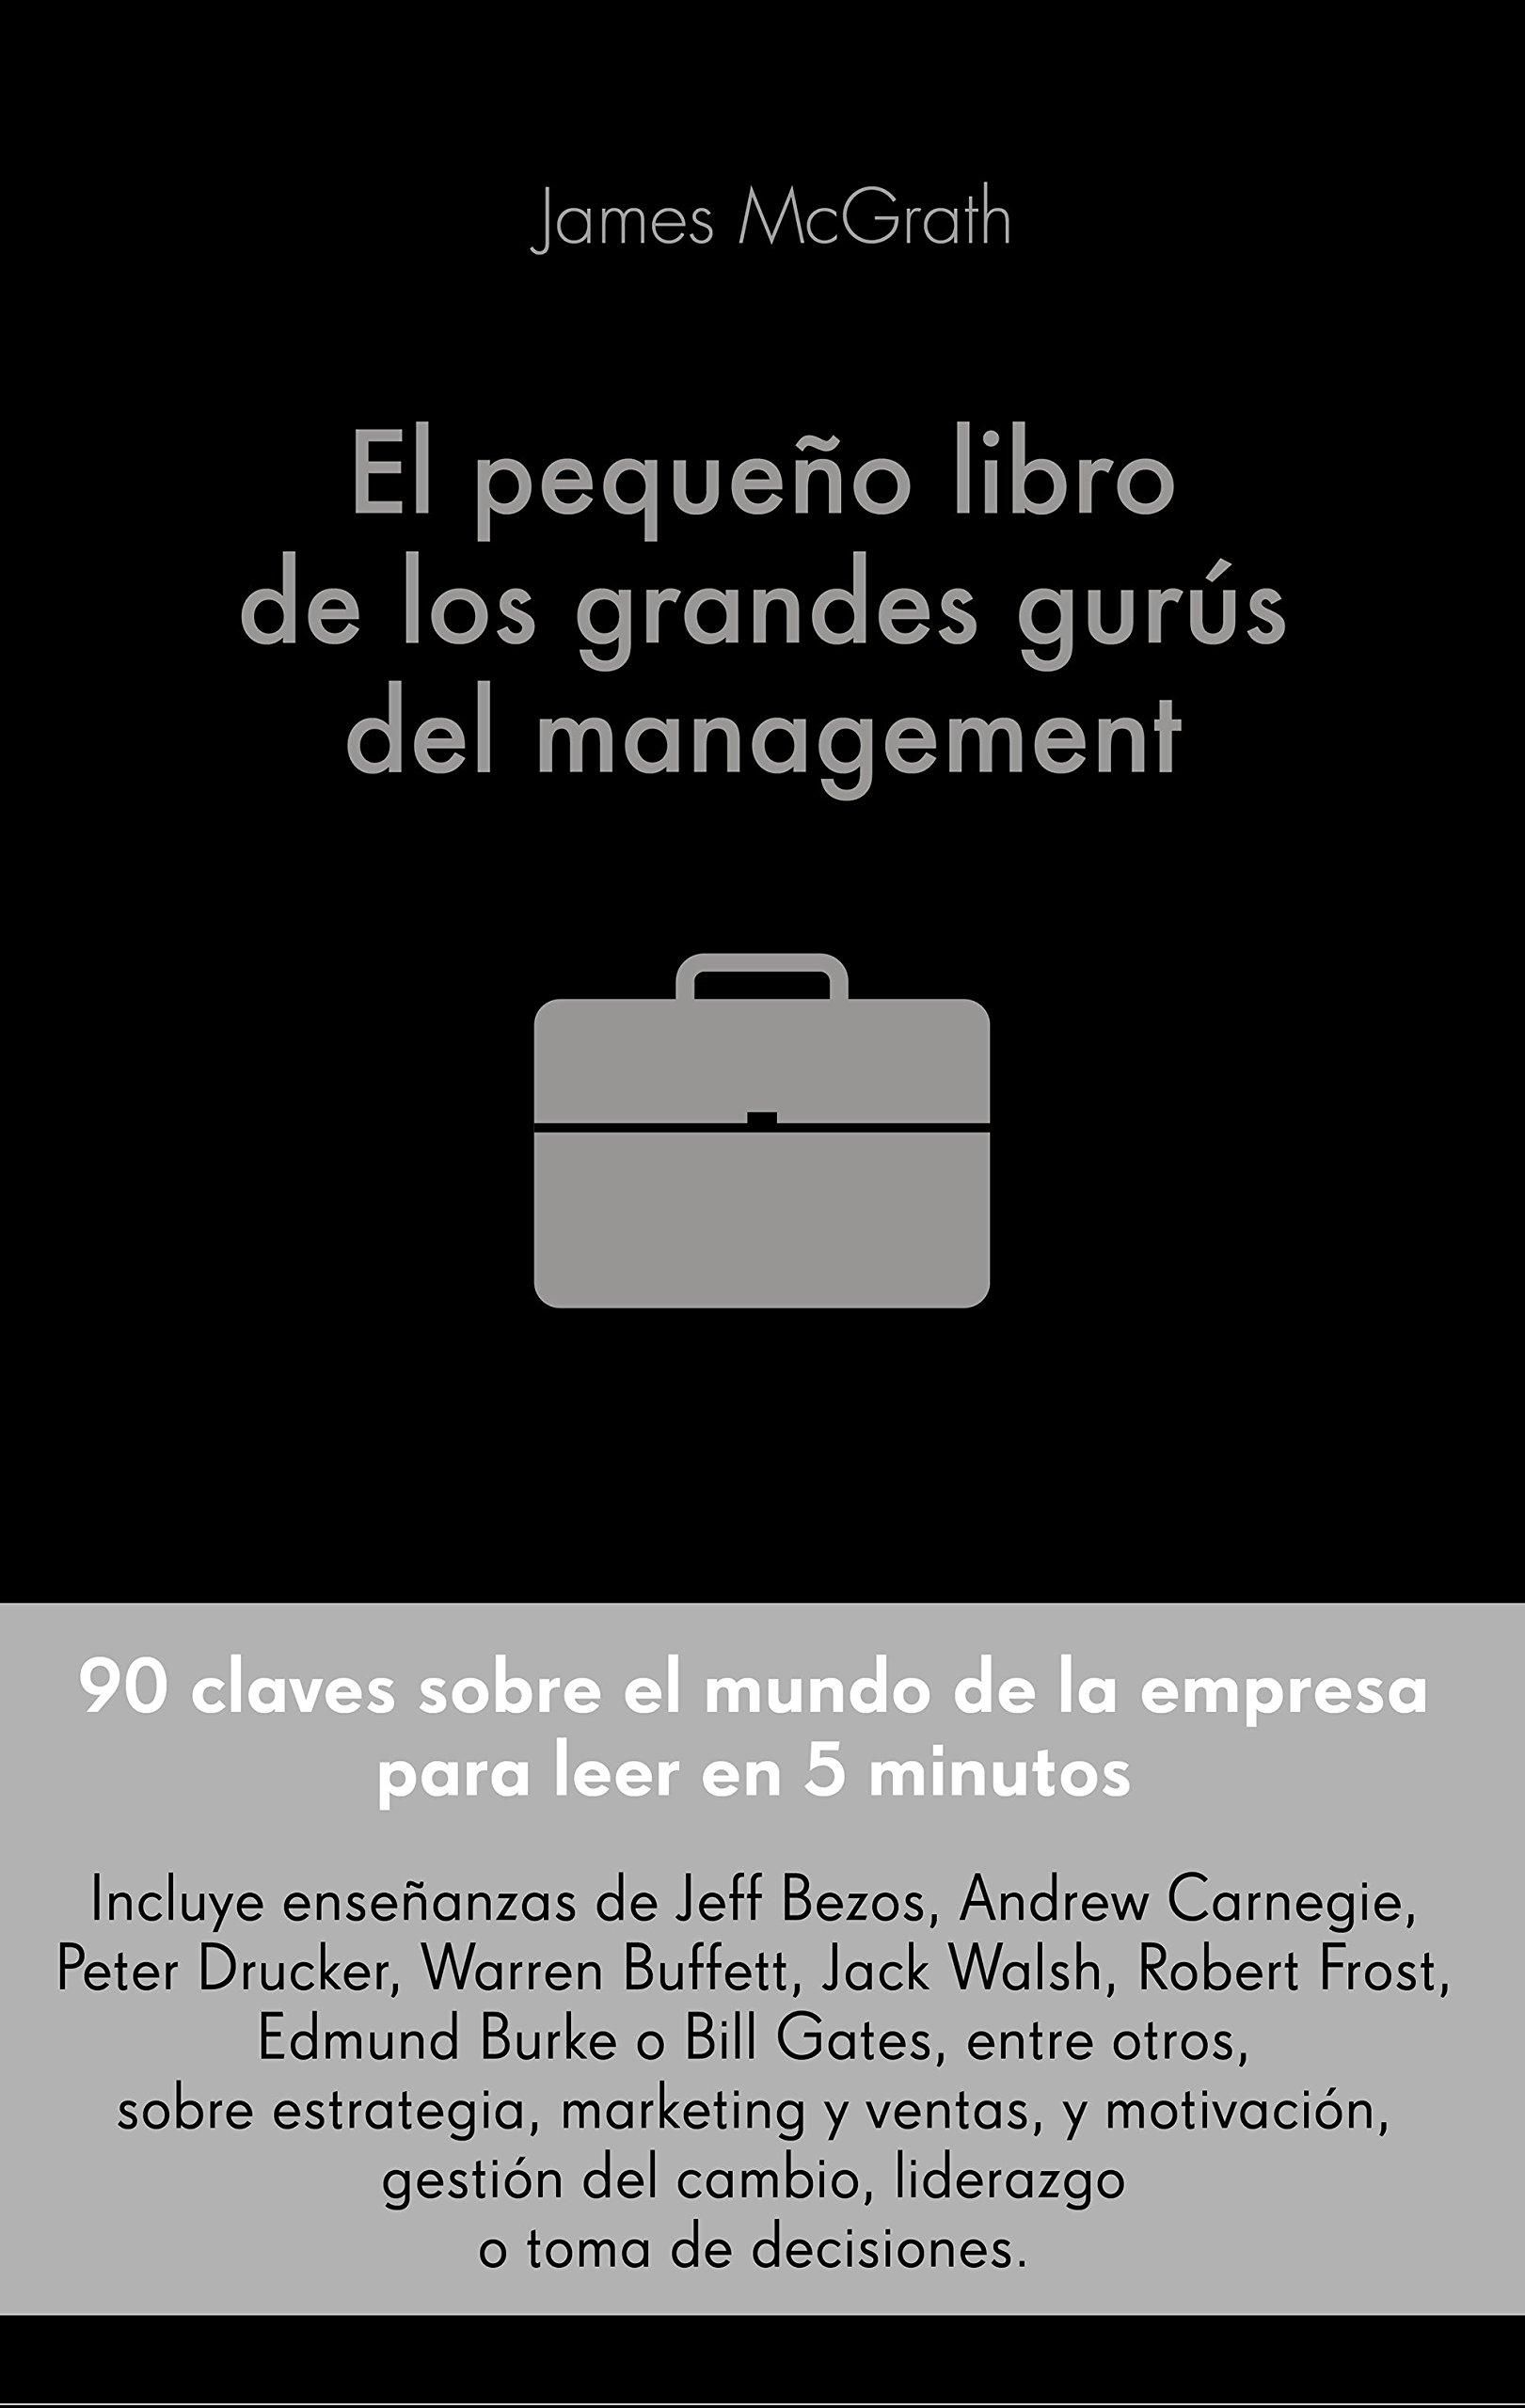 El pequeño libro de los grandes gurús del management: 90 citas importantes y cómo aplicarlas en la gestión empresarial (COLECCION ALIENTA)